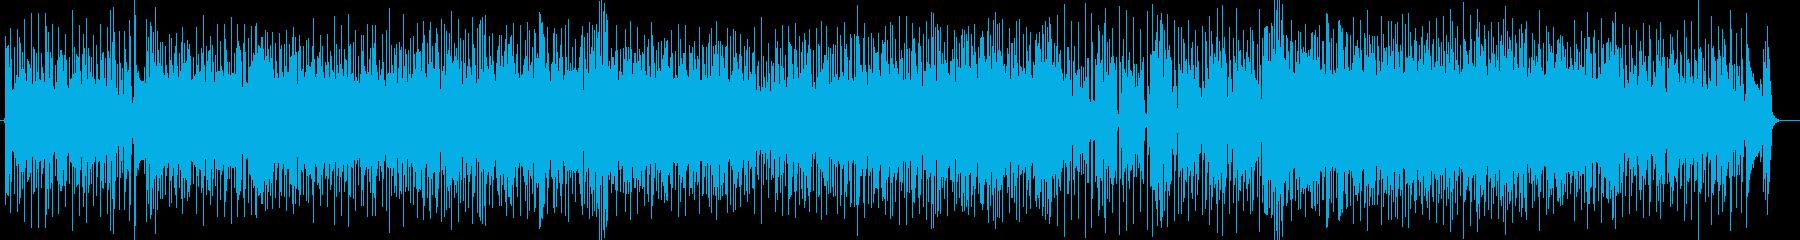 エレキギターの伴奏リフがかっこいいロックの再生済みの波形